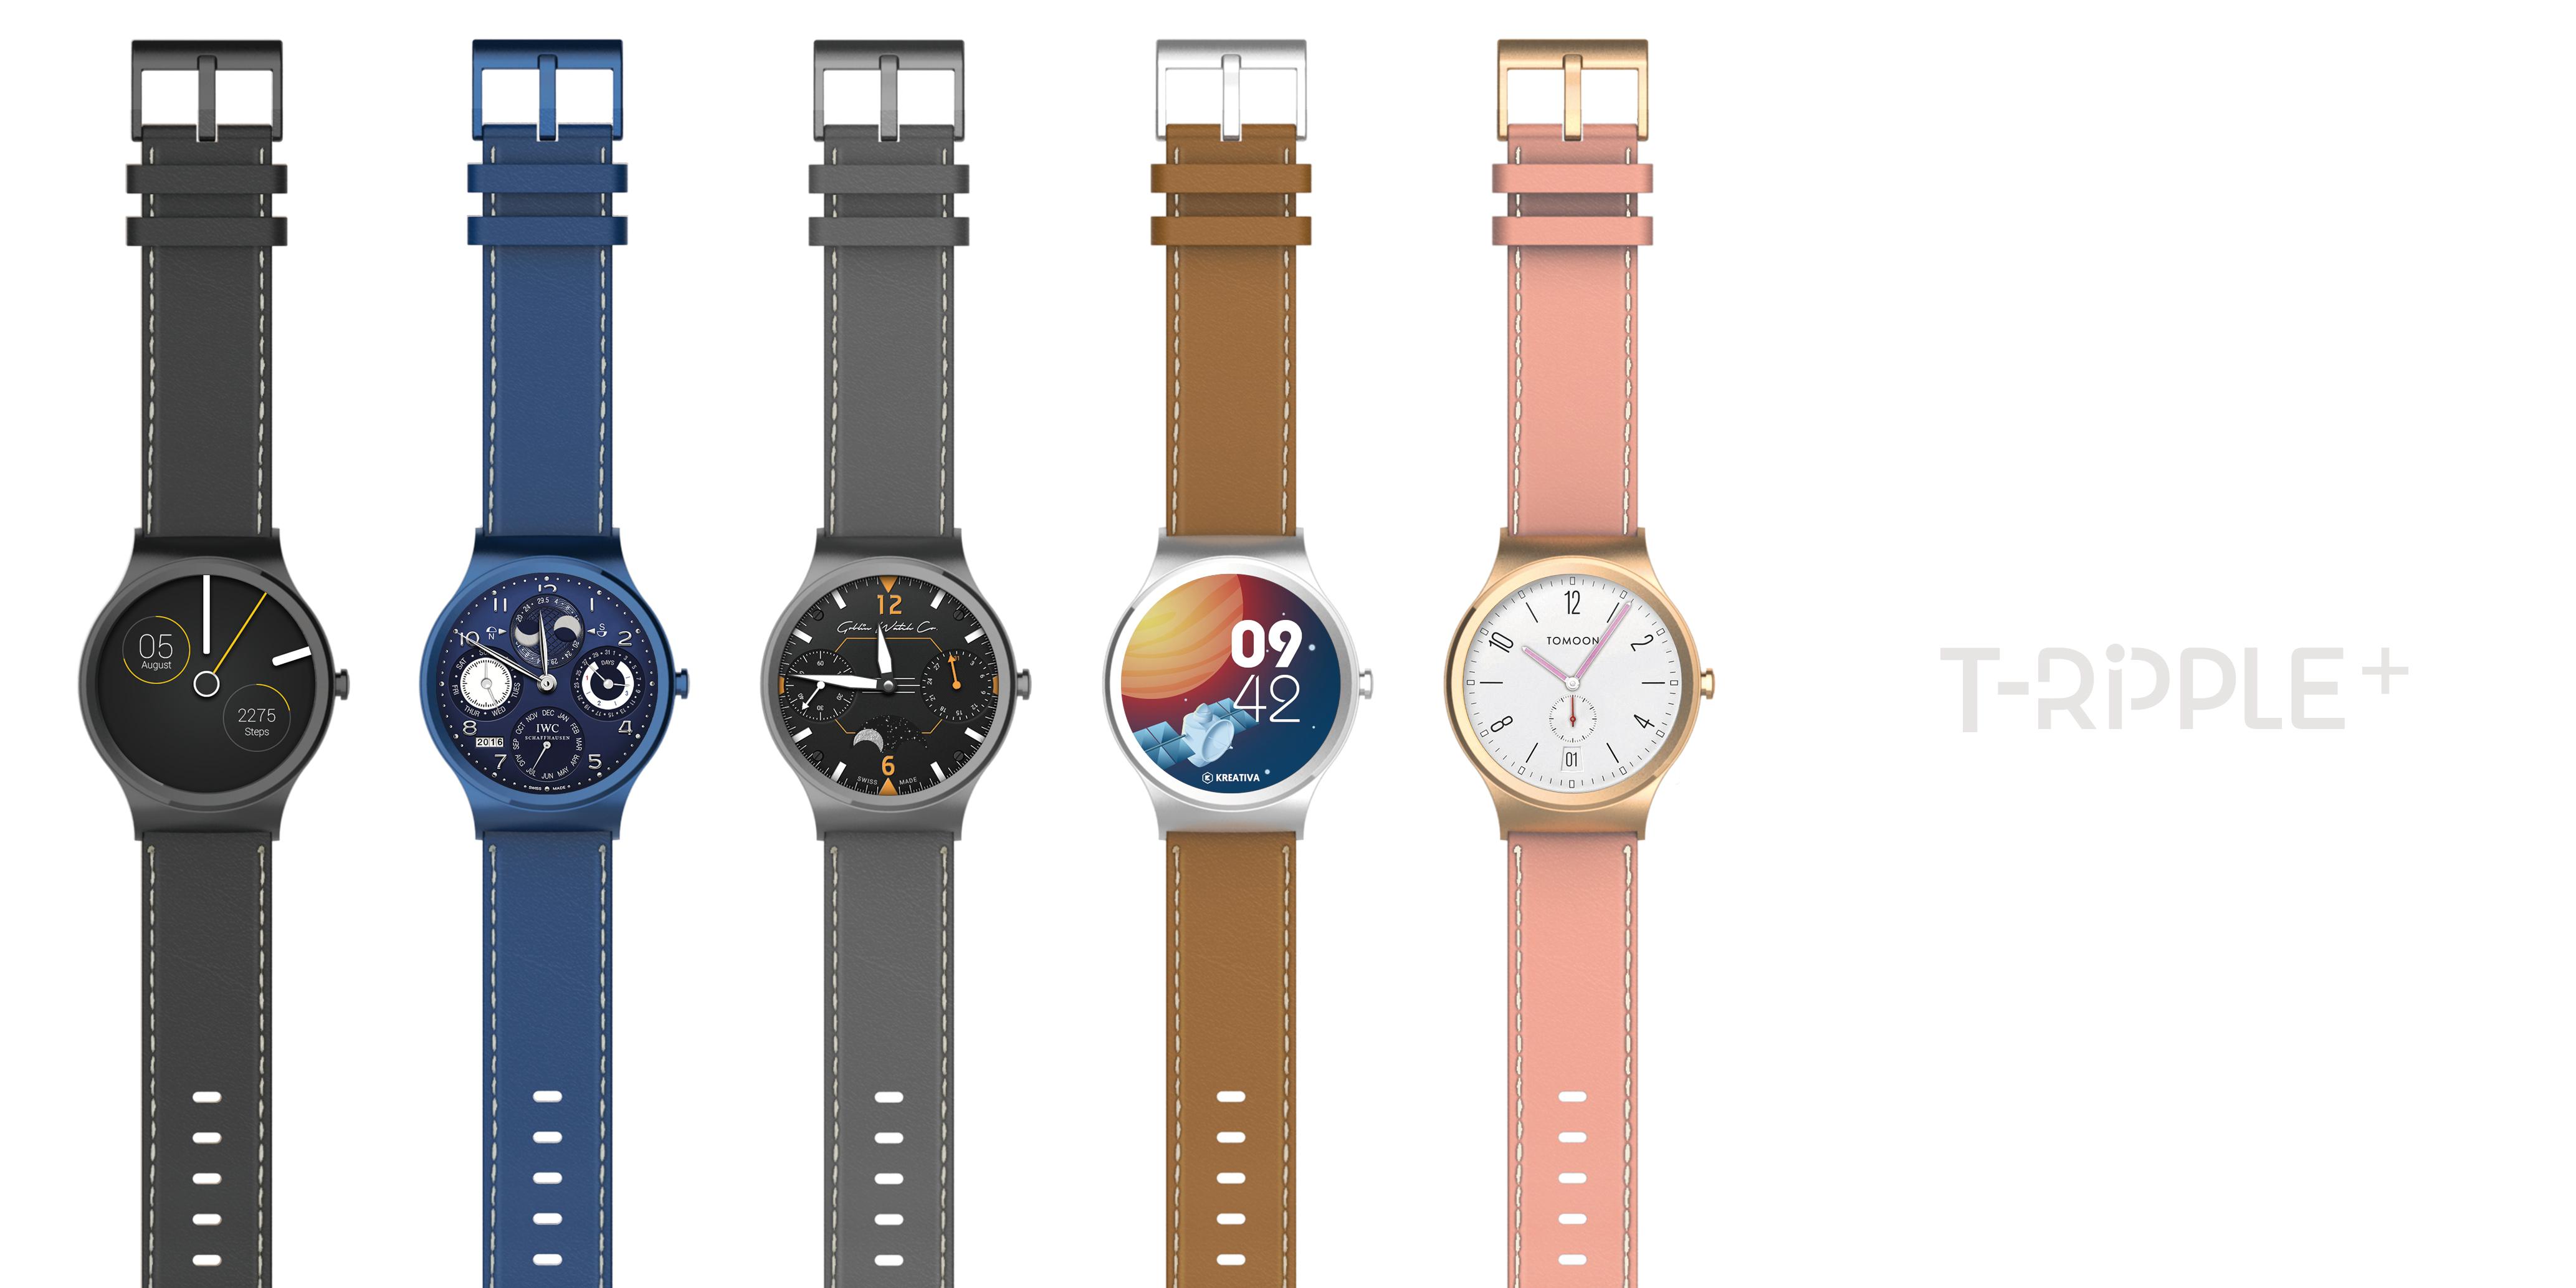 土曼科技T-RIPPLE+智能手表即将登陆京东首发